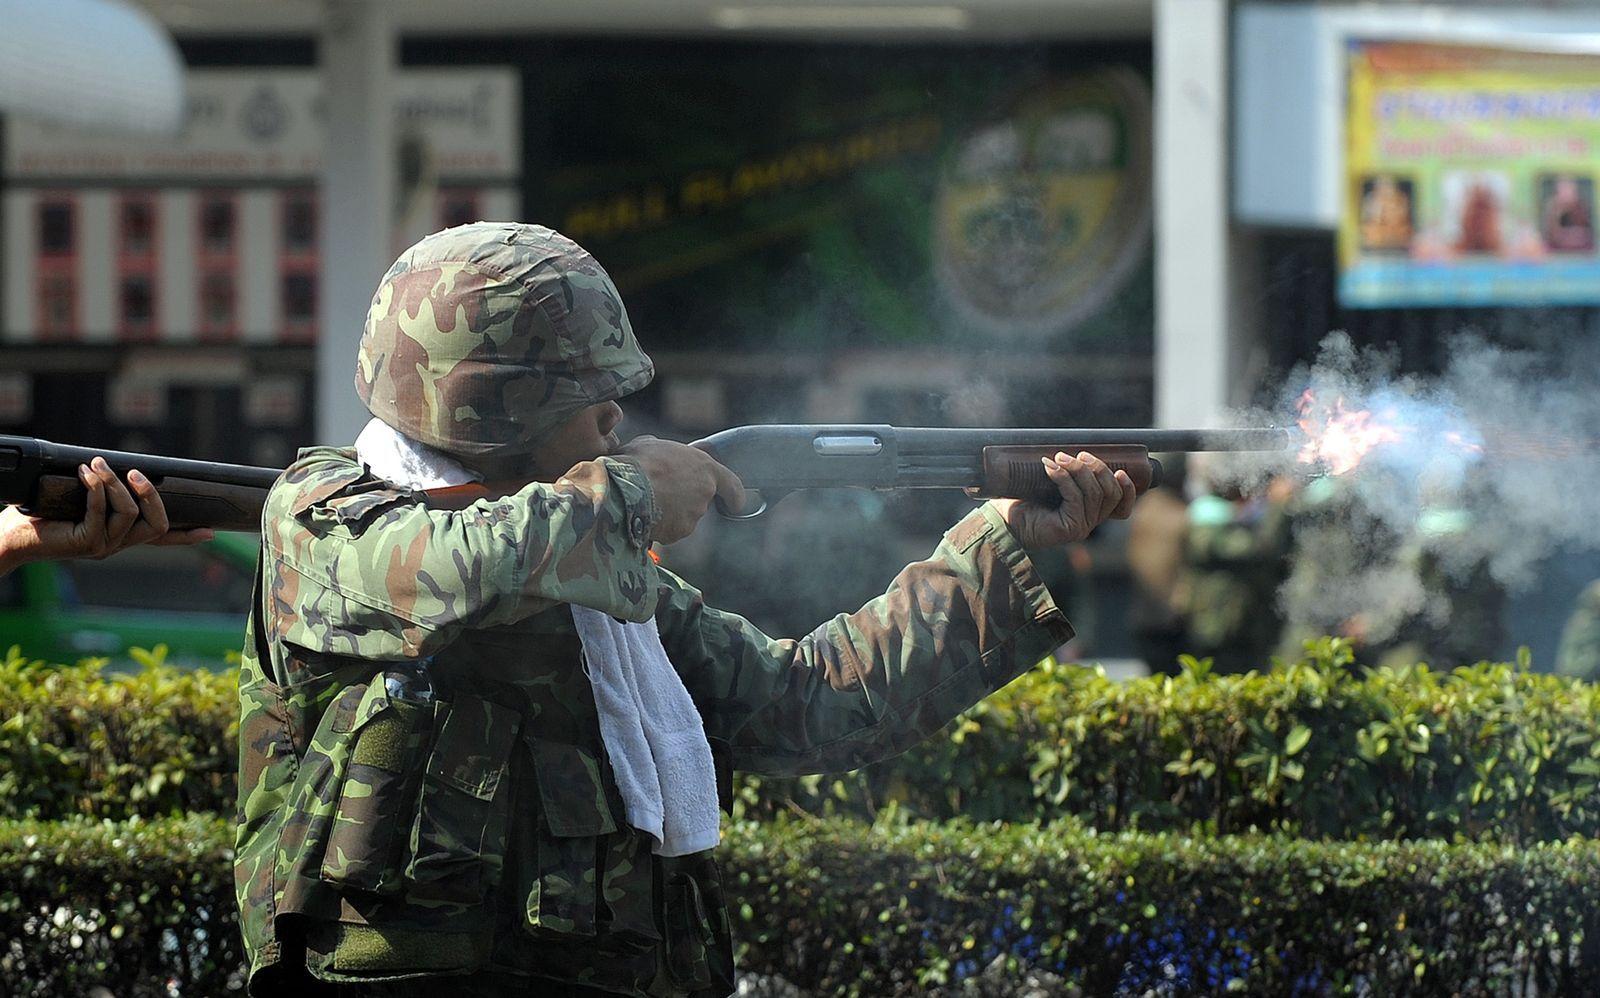 ทหาร ฉุกเฉิน ยิงปืน เสื้อแดง 3573498.jpg